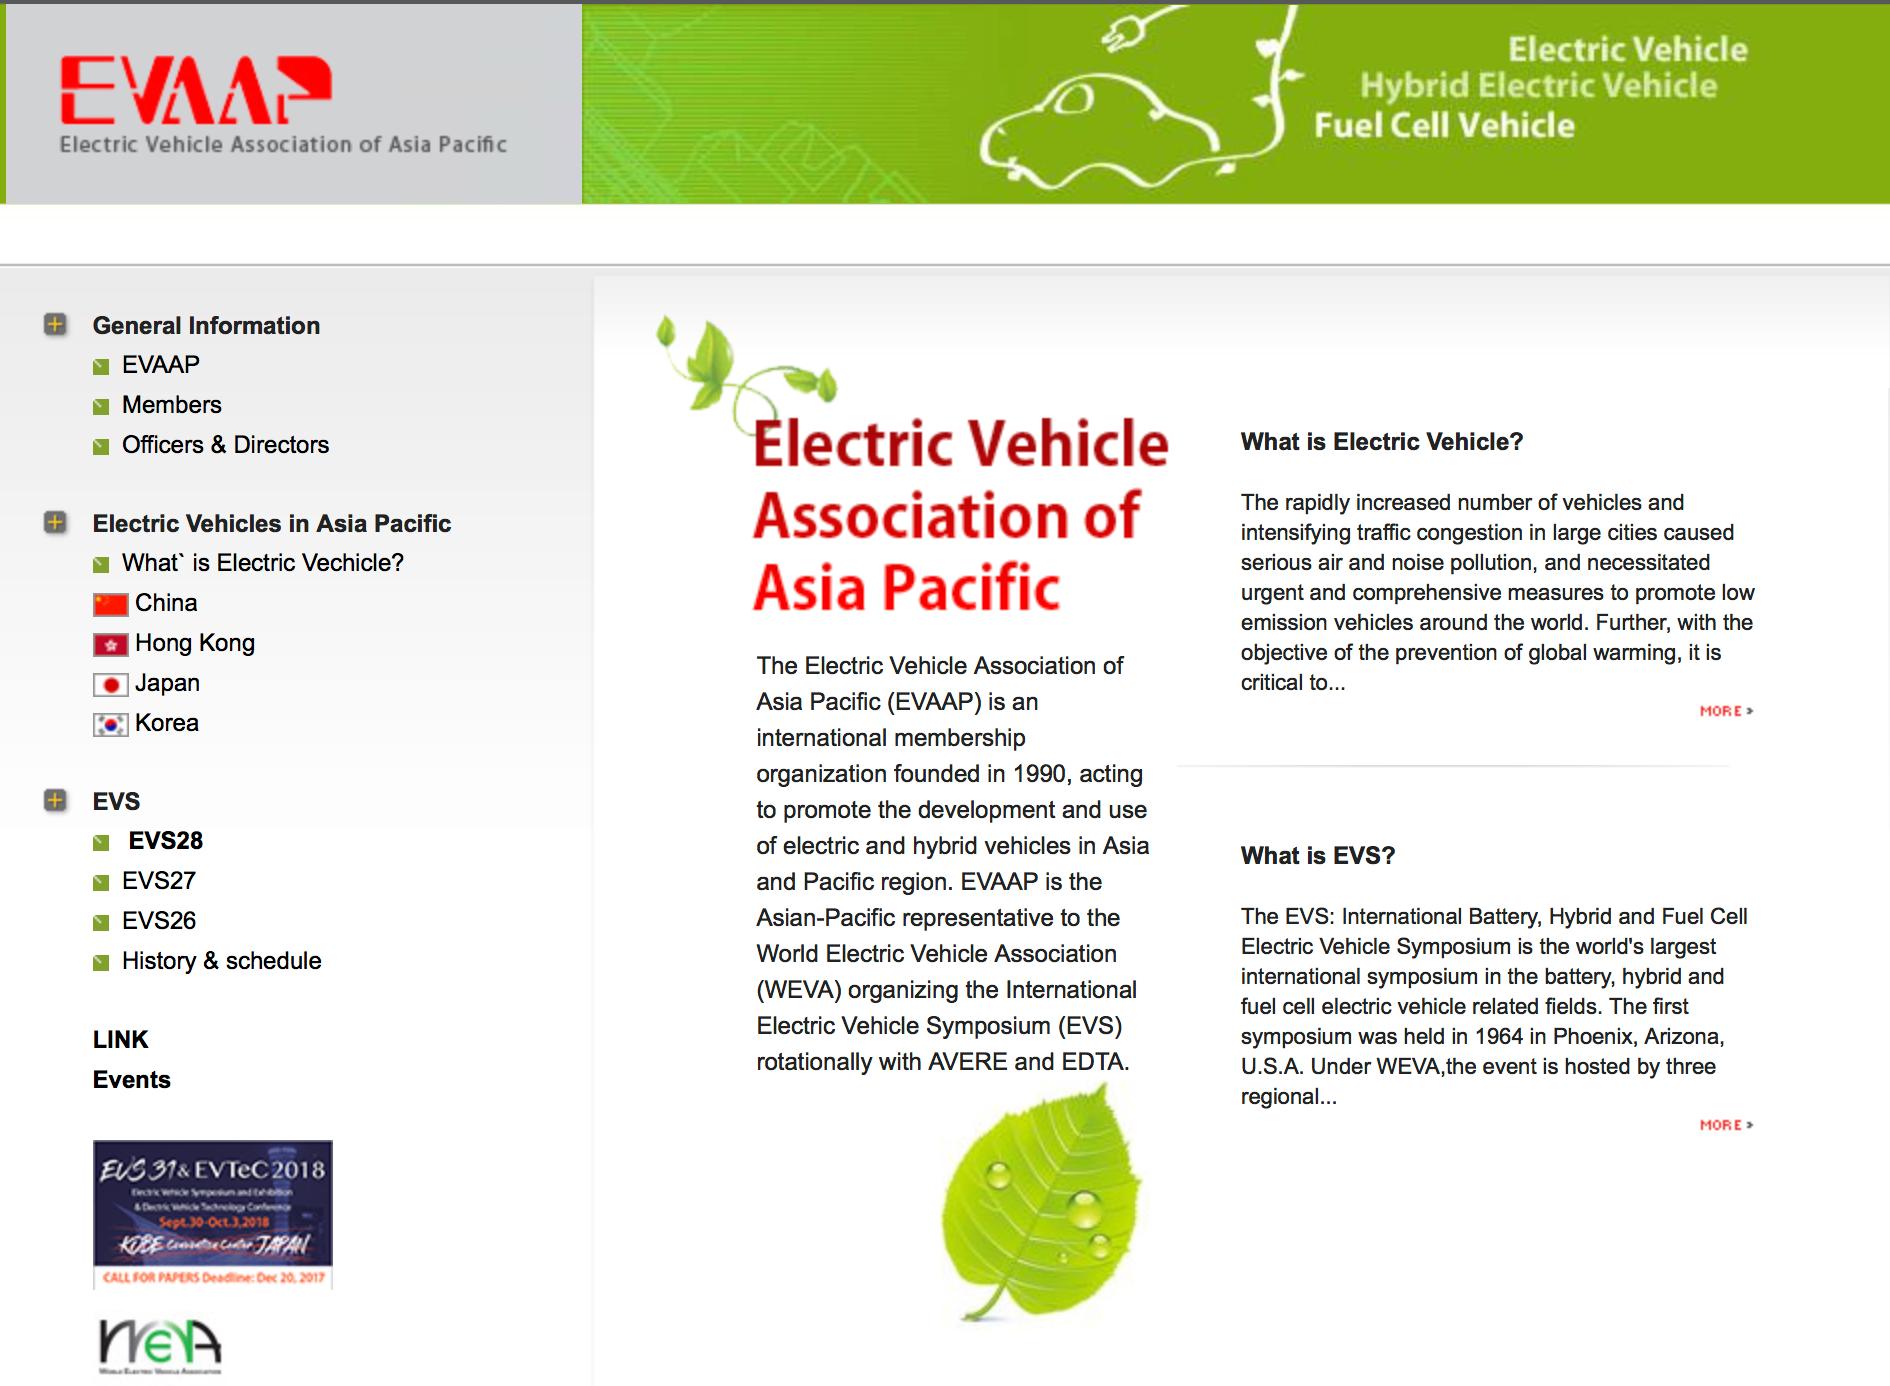 สมาคมยานยนต์ไฟฟ้าในต่างประเทศ